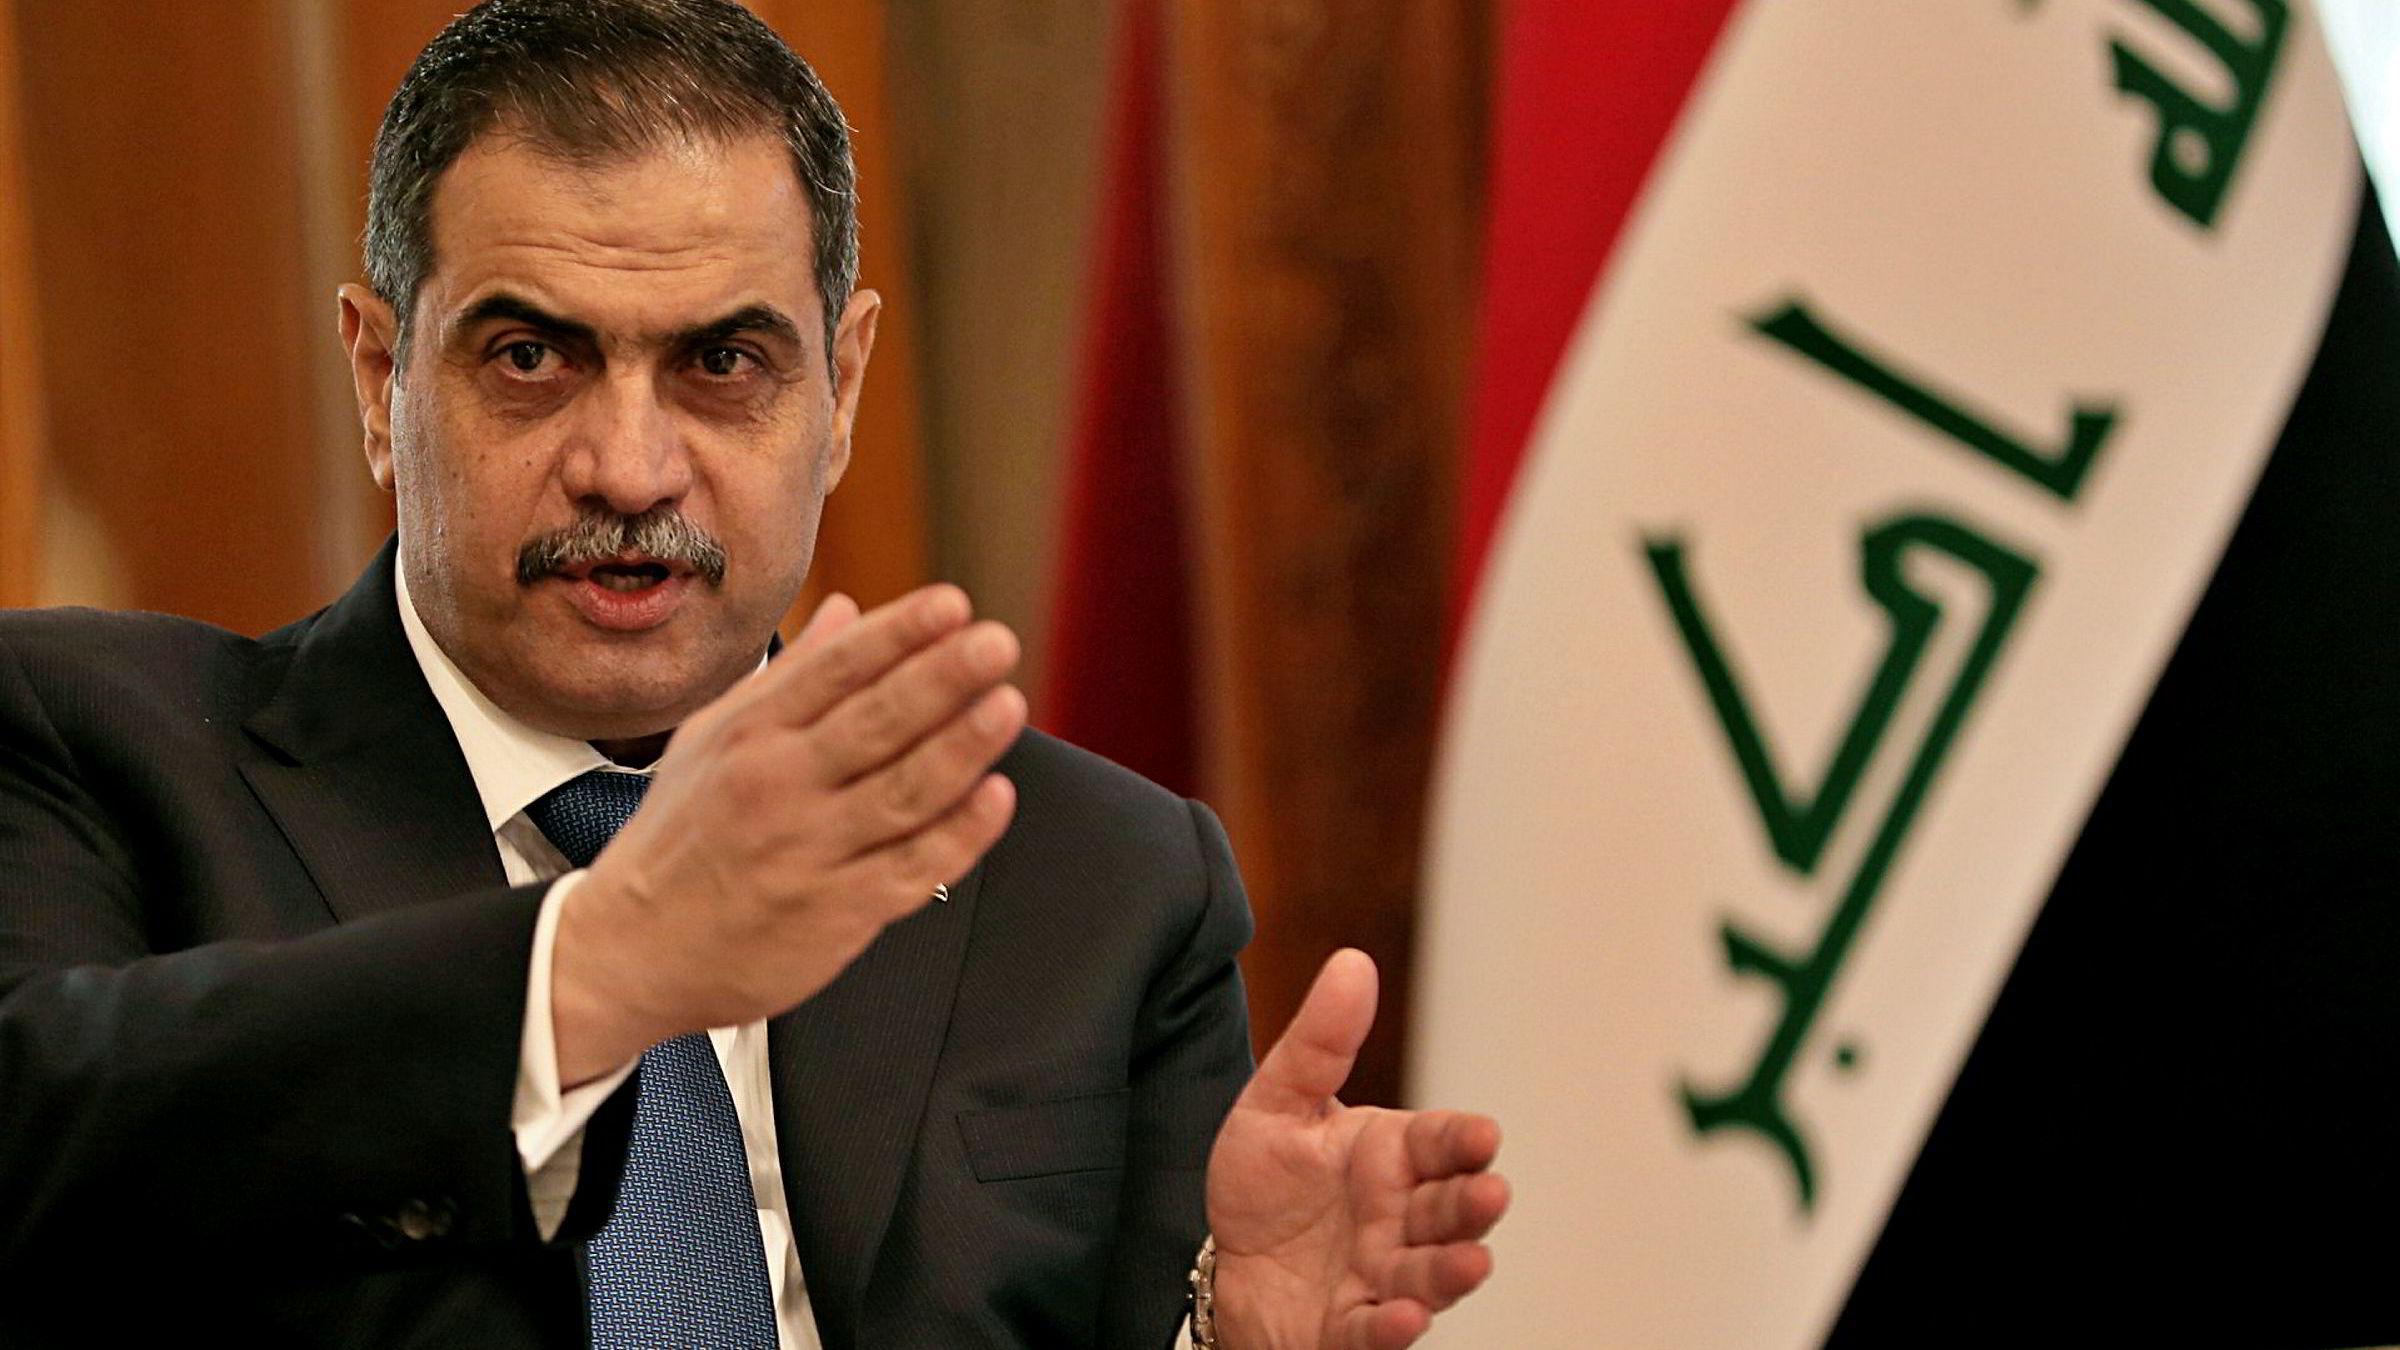 Iraks forsvarsminister Najah al-Shammari har levd et dobbeltliv. I Sverige har han hatt et annet navn og mottatt trygdepenger.